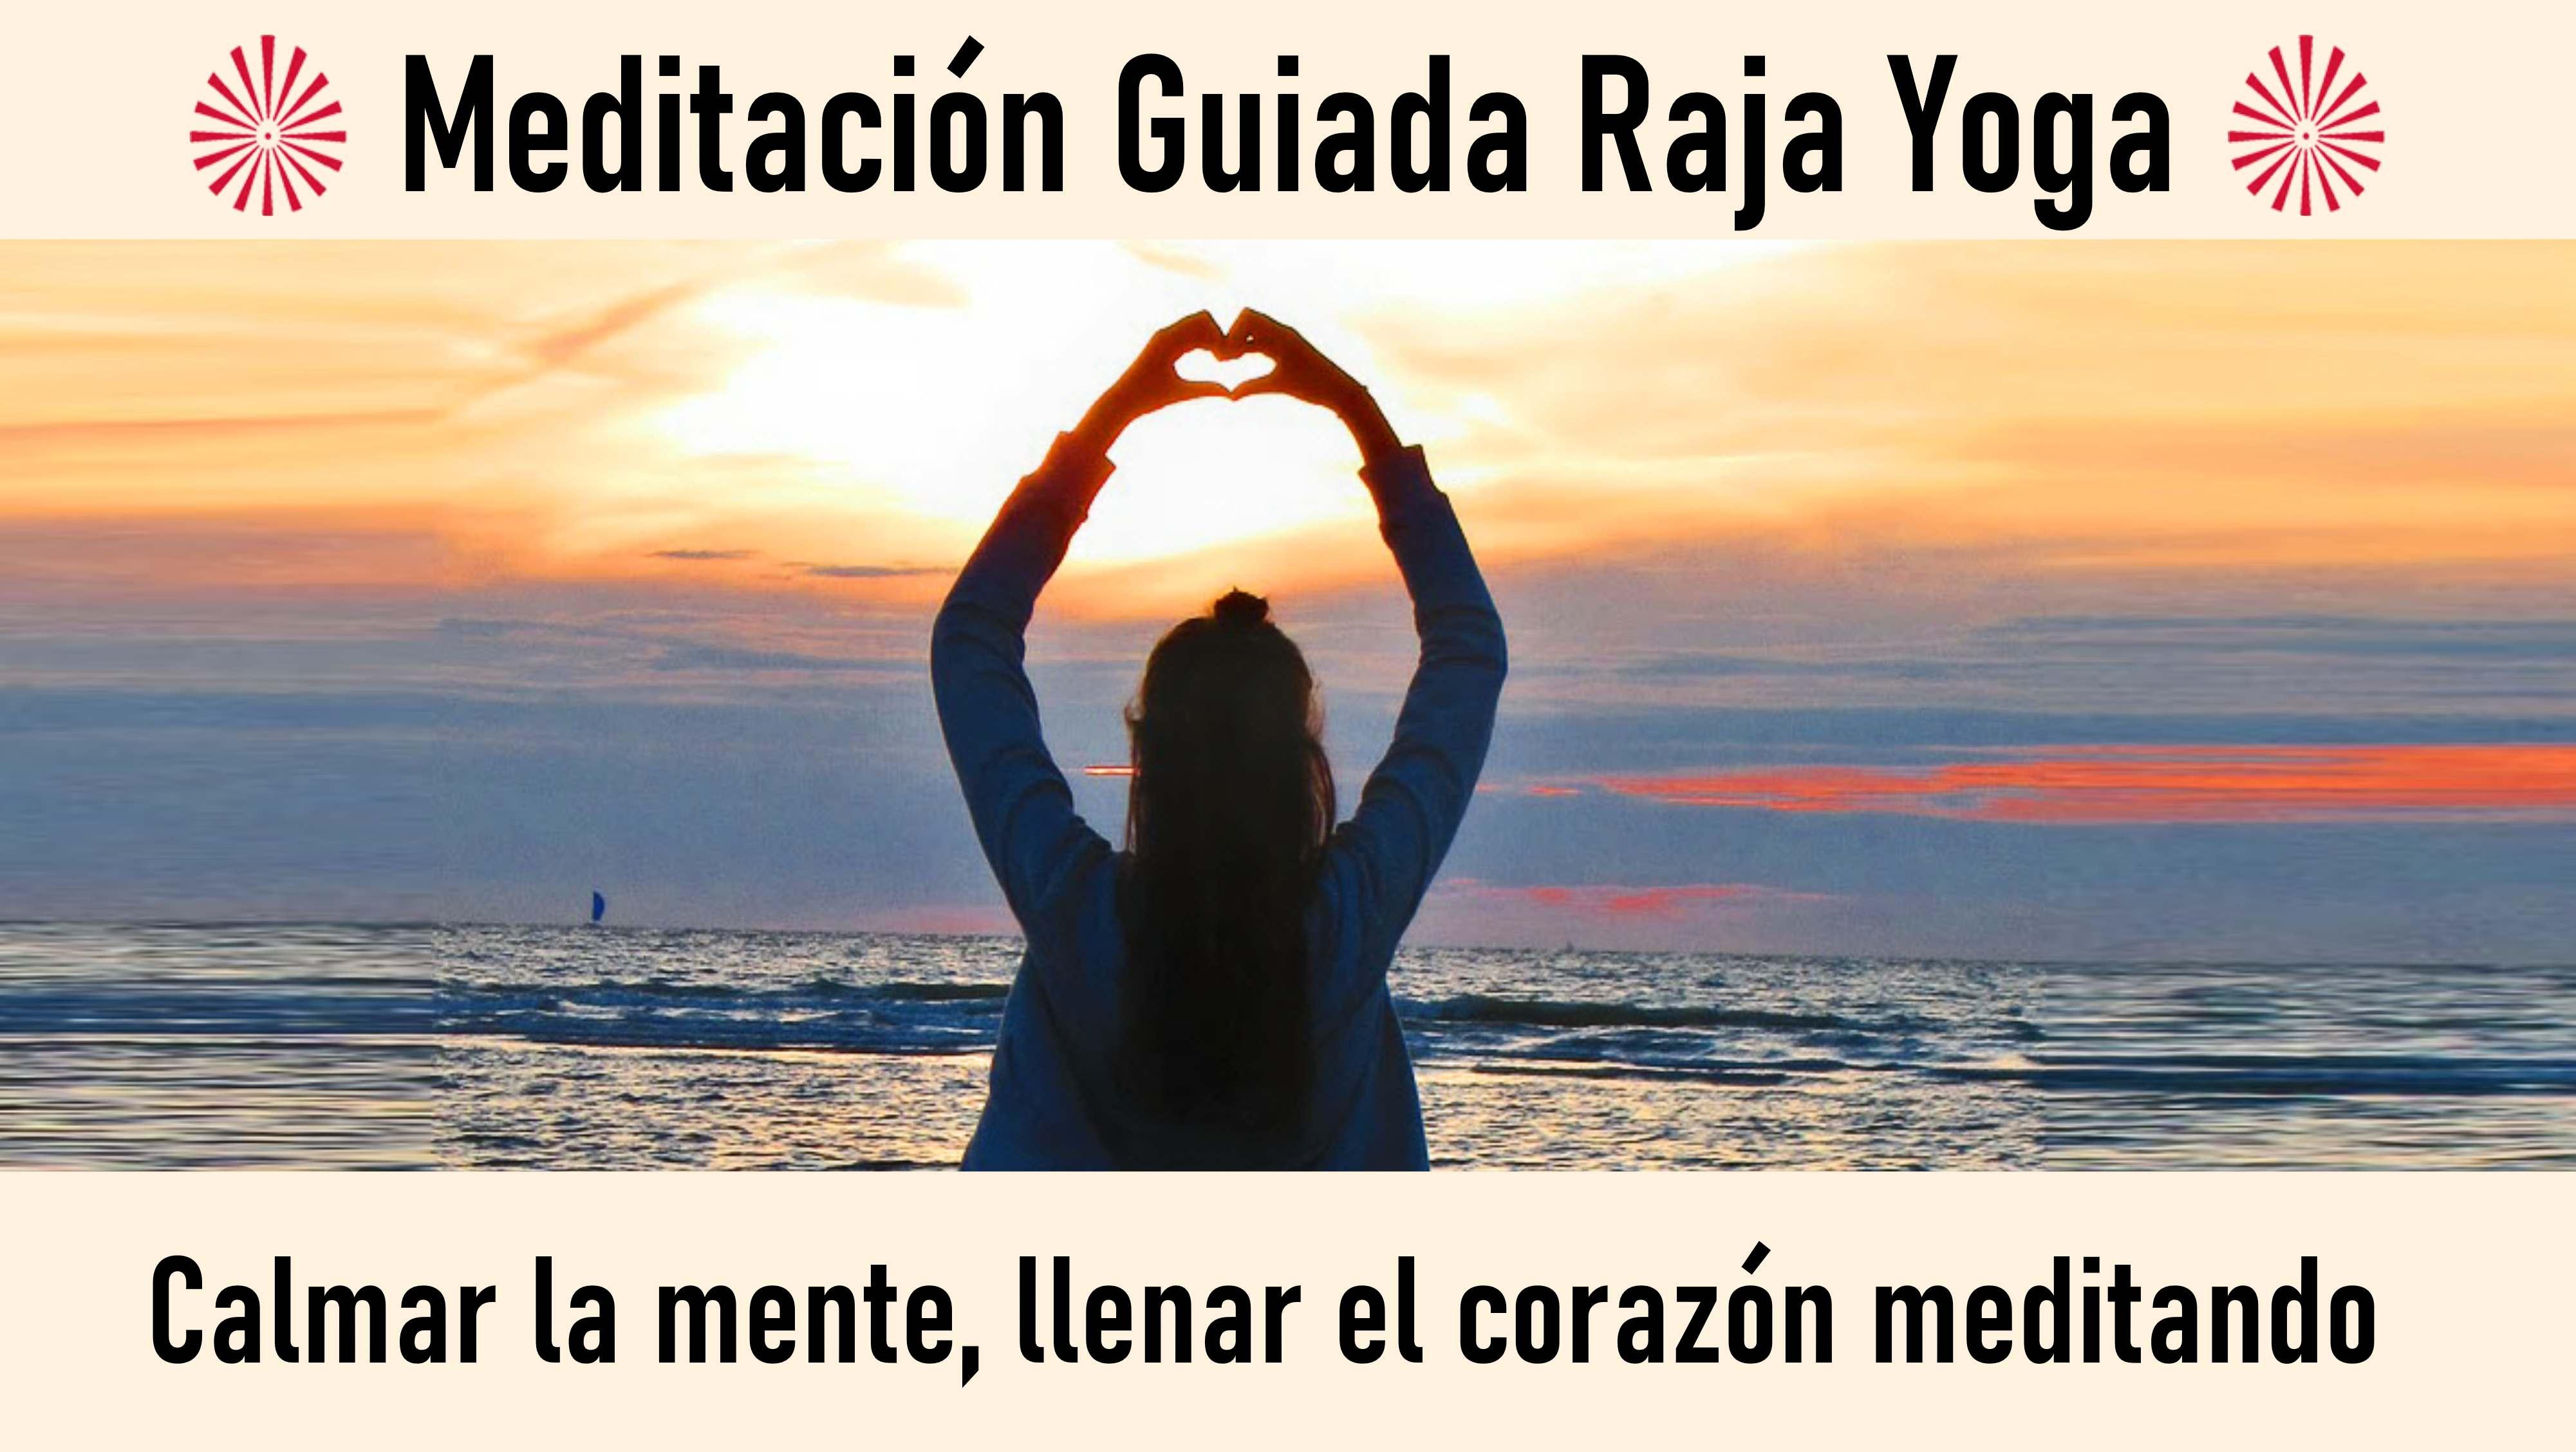 Meditación Raja Yoga:Llenar el corazón meditando (19 Agosto 2020) On-line desde Sevilla